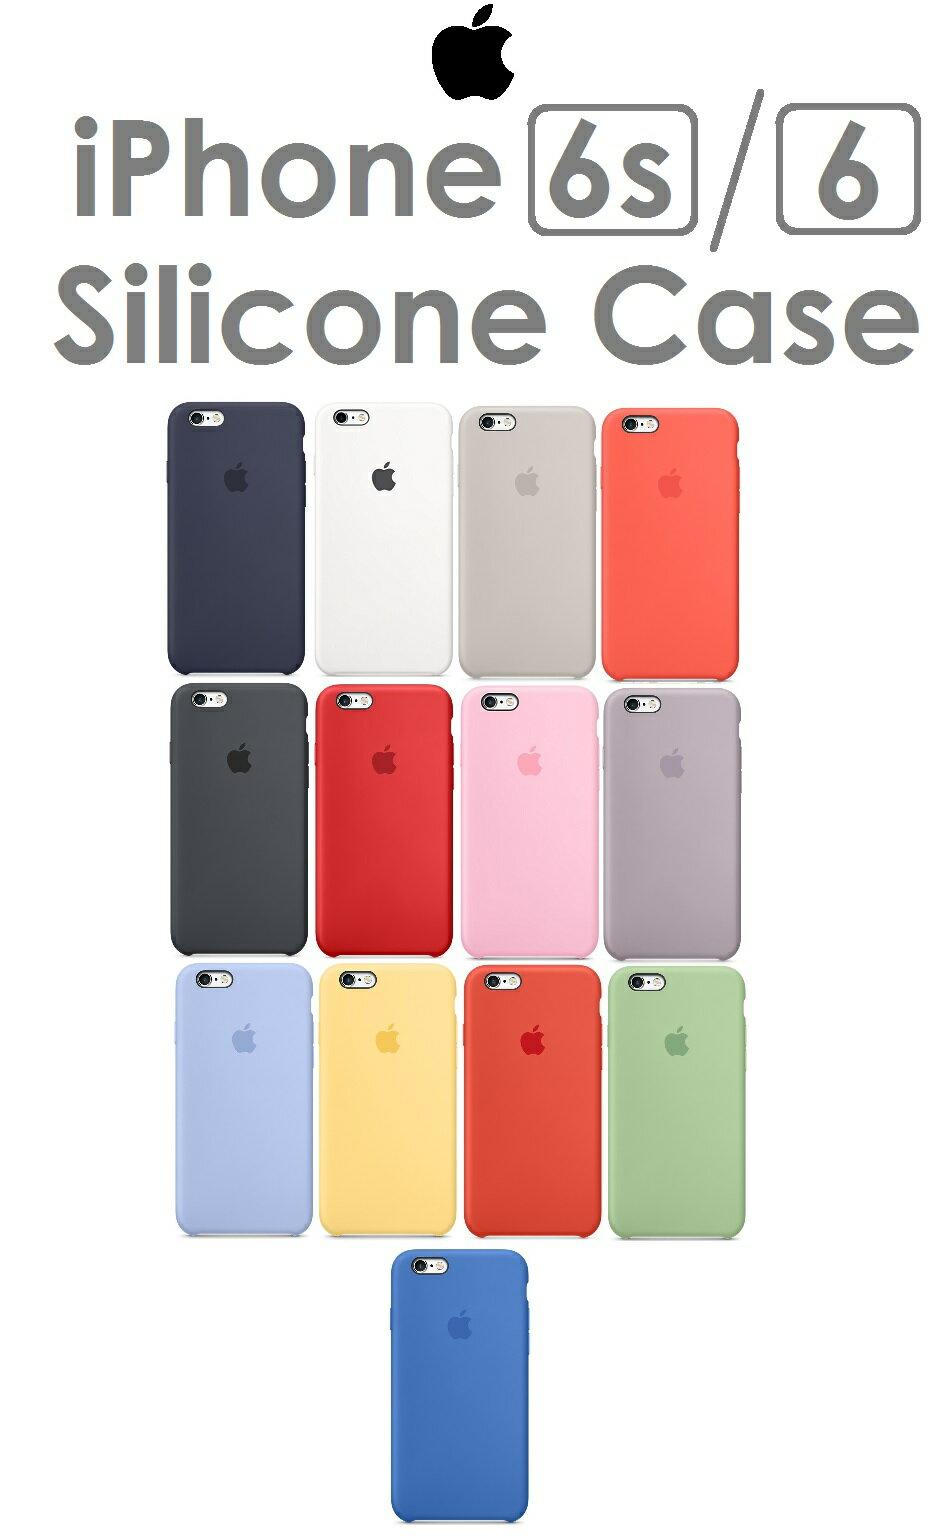 【原廠盒裝】蘋果 APPLE iPhone 6s 專用矽膠護套 保護套 保護殼 保護蓋 軟殼 (iPhone 6 共用)